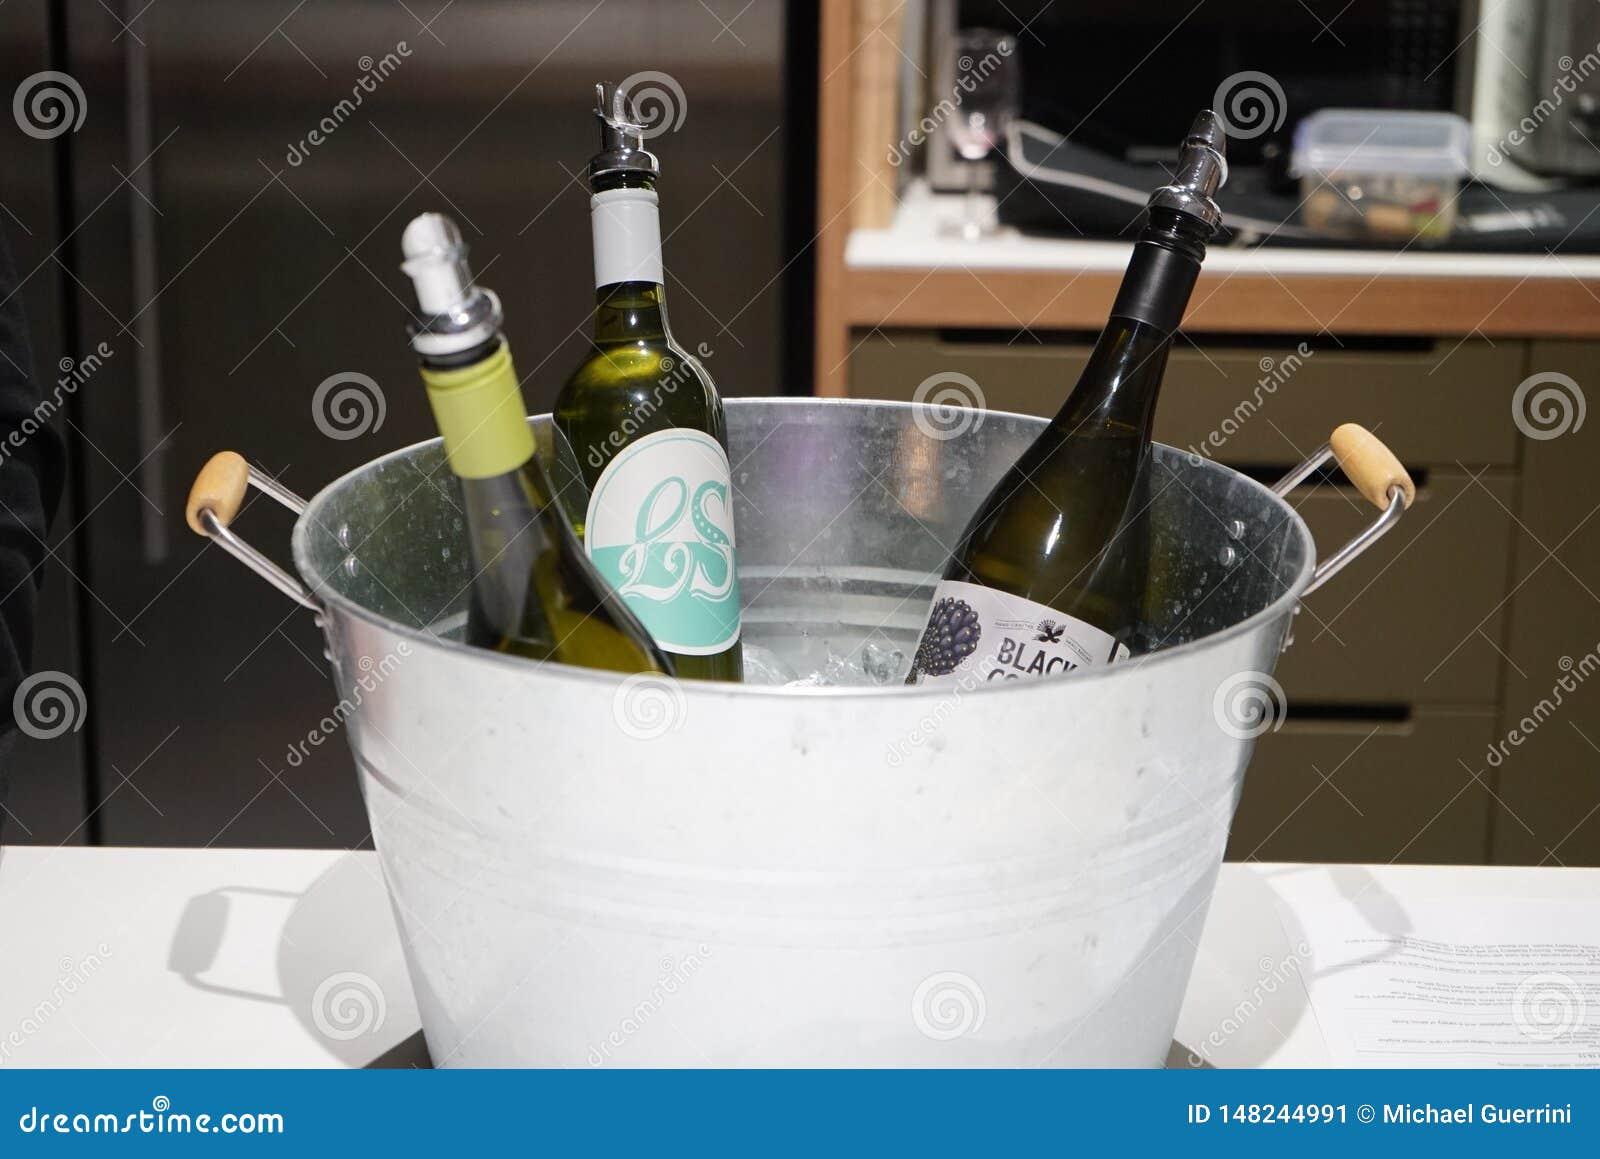 3 bouteilles de vin dans un seau métallique